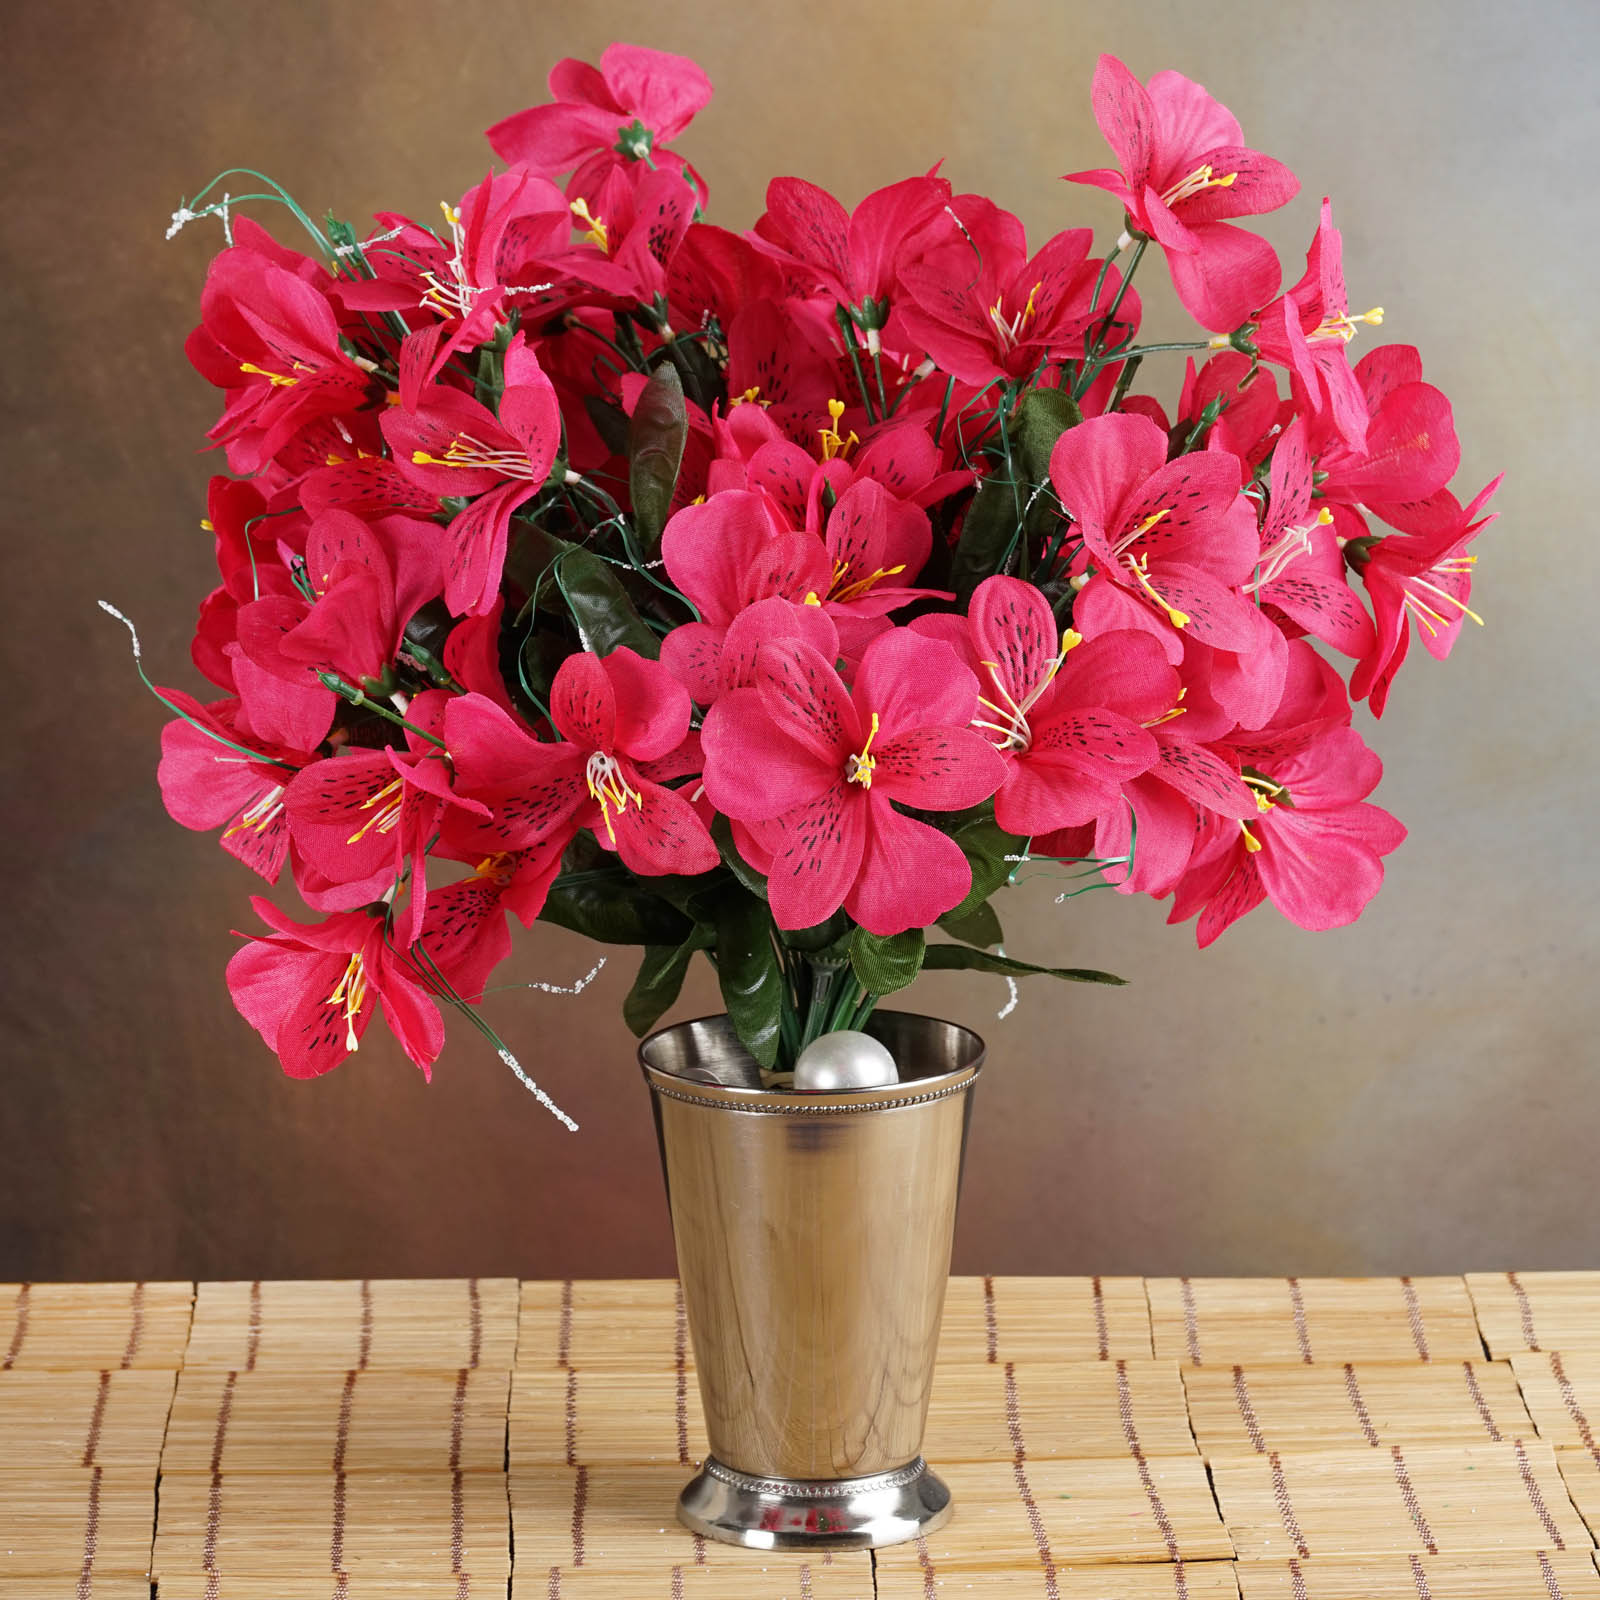 Efavormart 96 Artificial Mini Primrose Flowers for DIY Wedding Bouquets Centerpieces Arrangements Party Home Decorations Wholesale